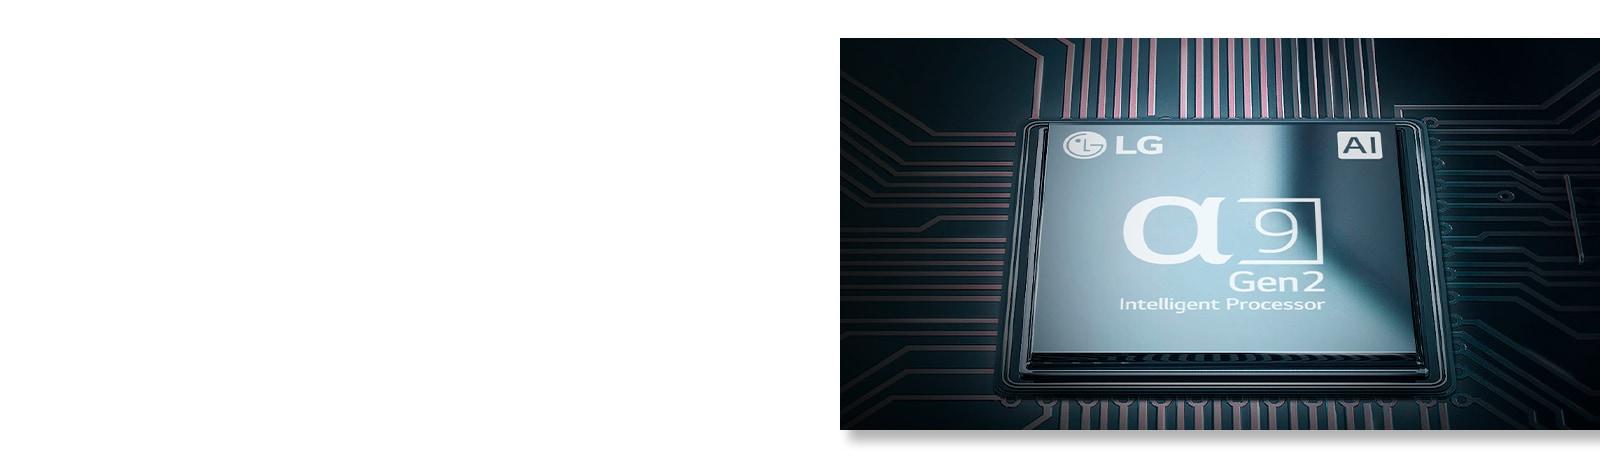 OLEDC9_a9-Gen2-Intelligent-Processorr_03_04_2019_D